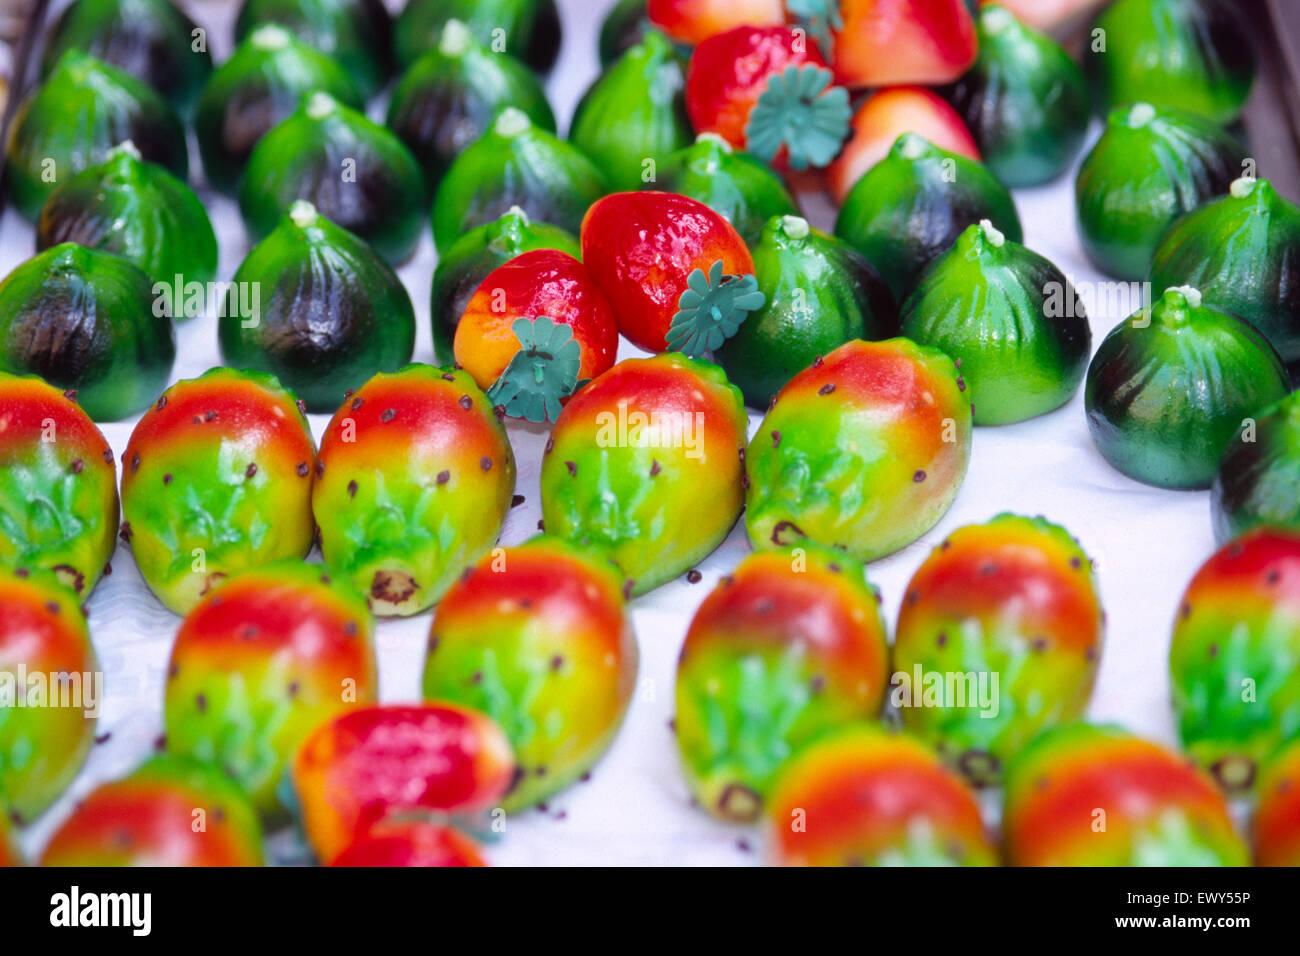 Marzapane Fruits - Stock Image